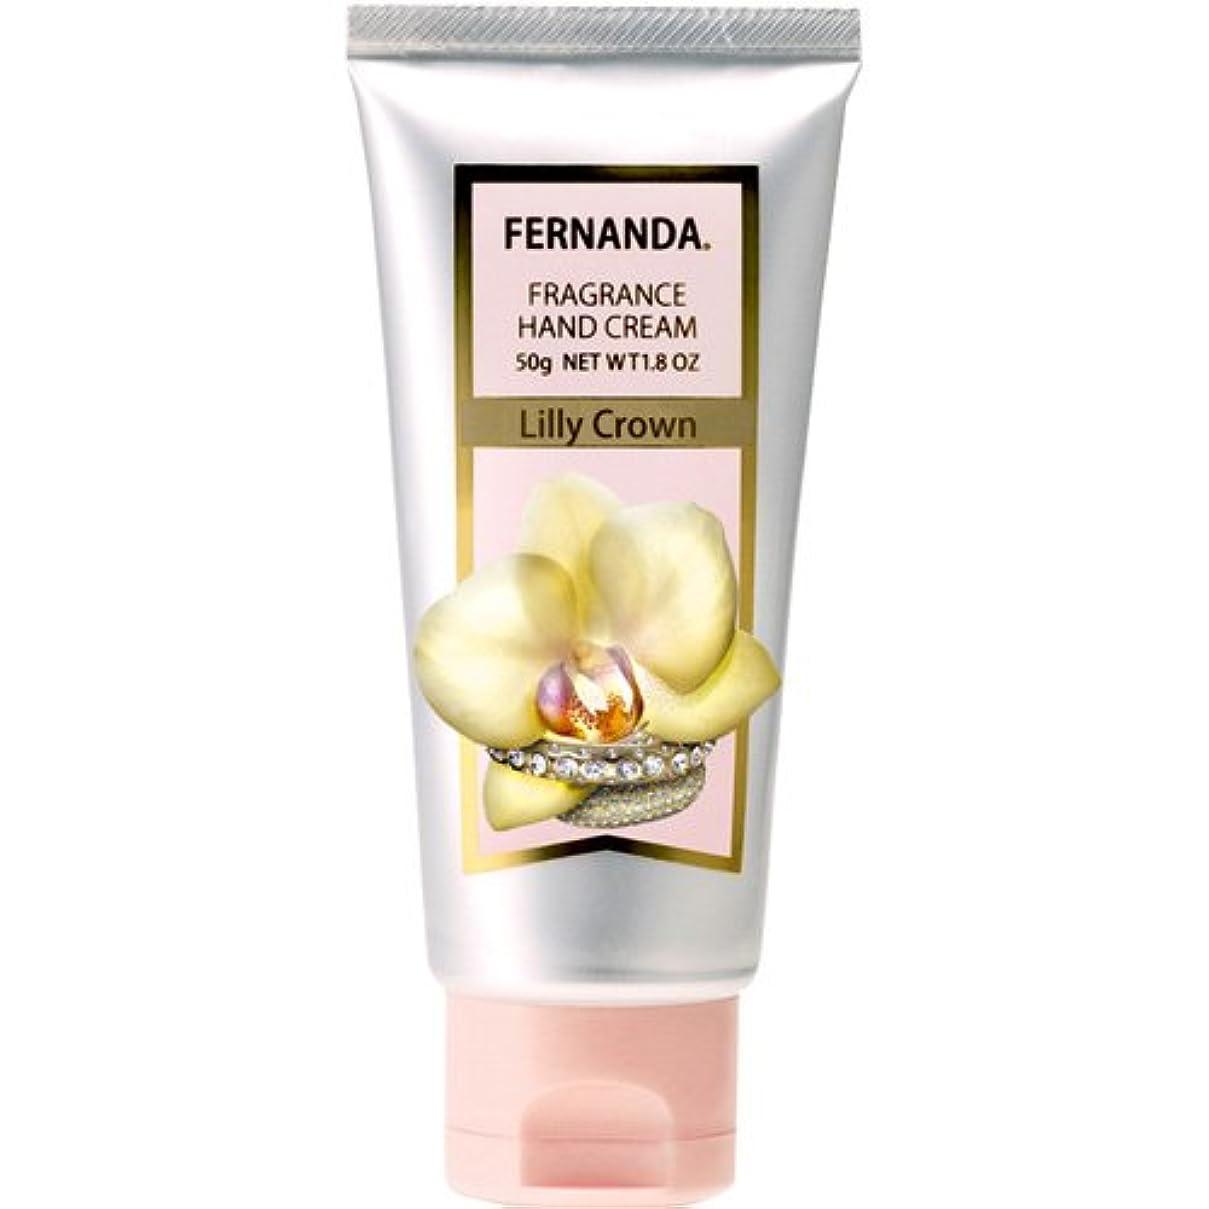 作成する乱用排他的FERNANDA(フェルナンダ) Hand Cream Lilly Crown (ハンドクリーム リリークラウン)